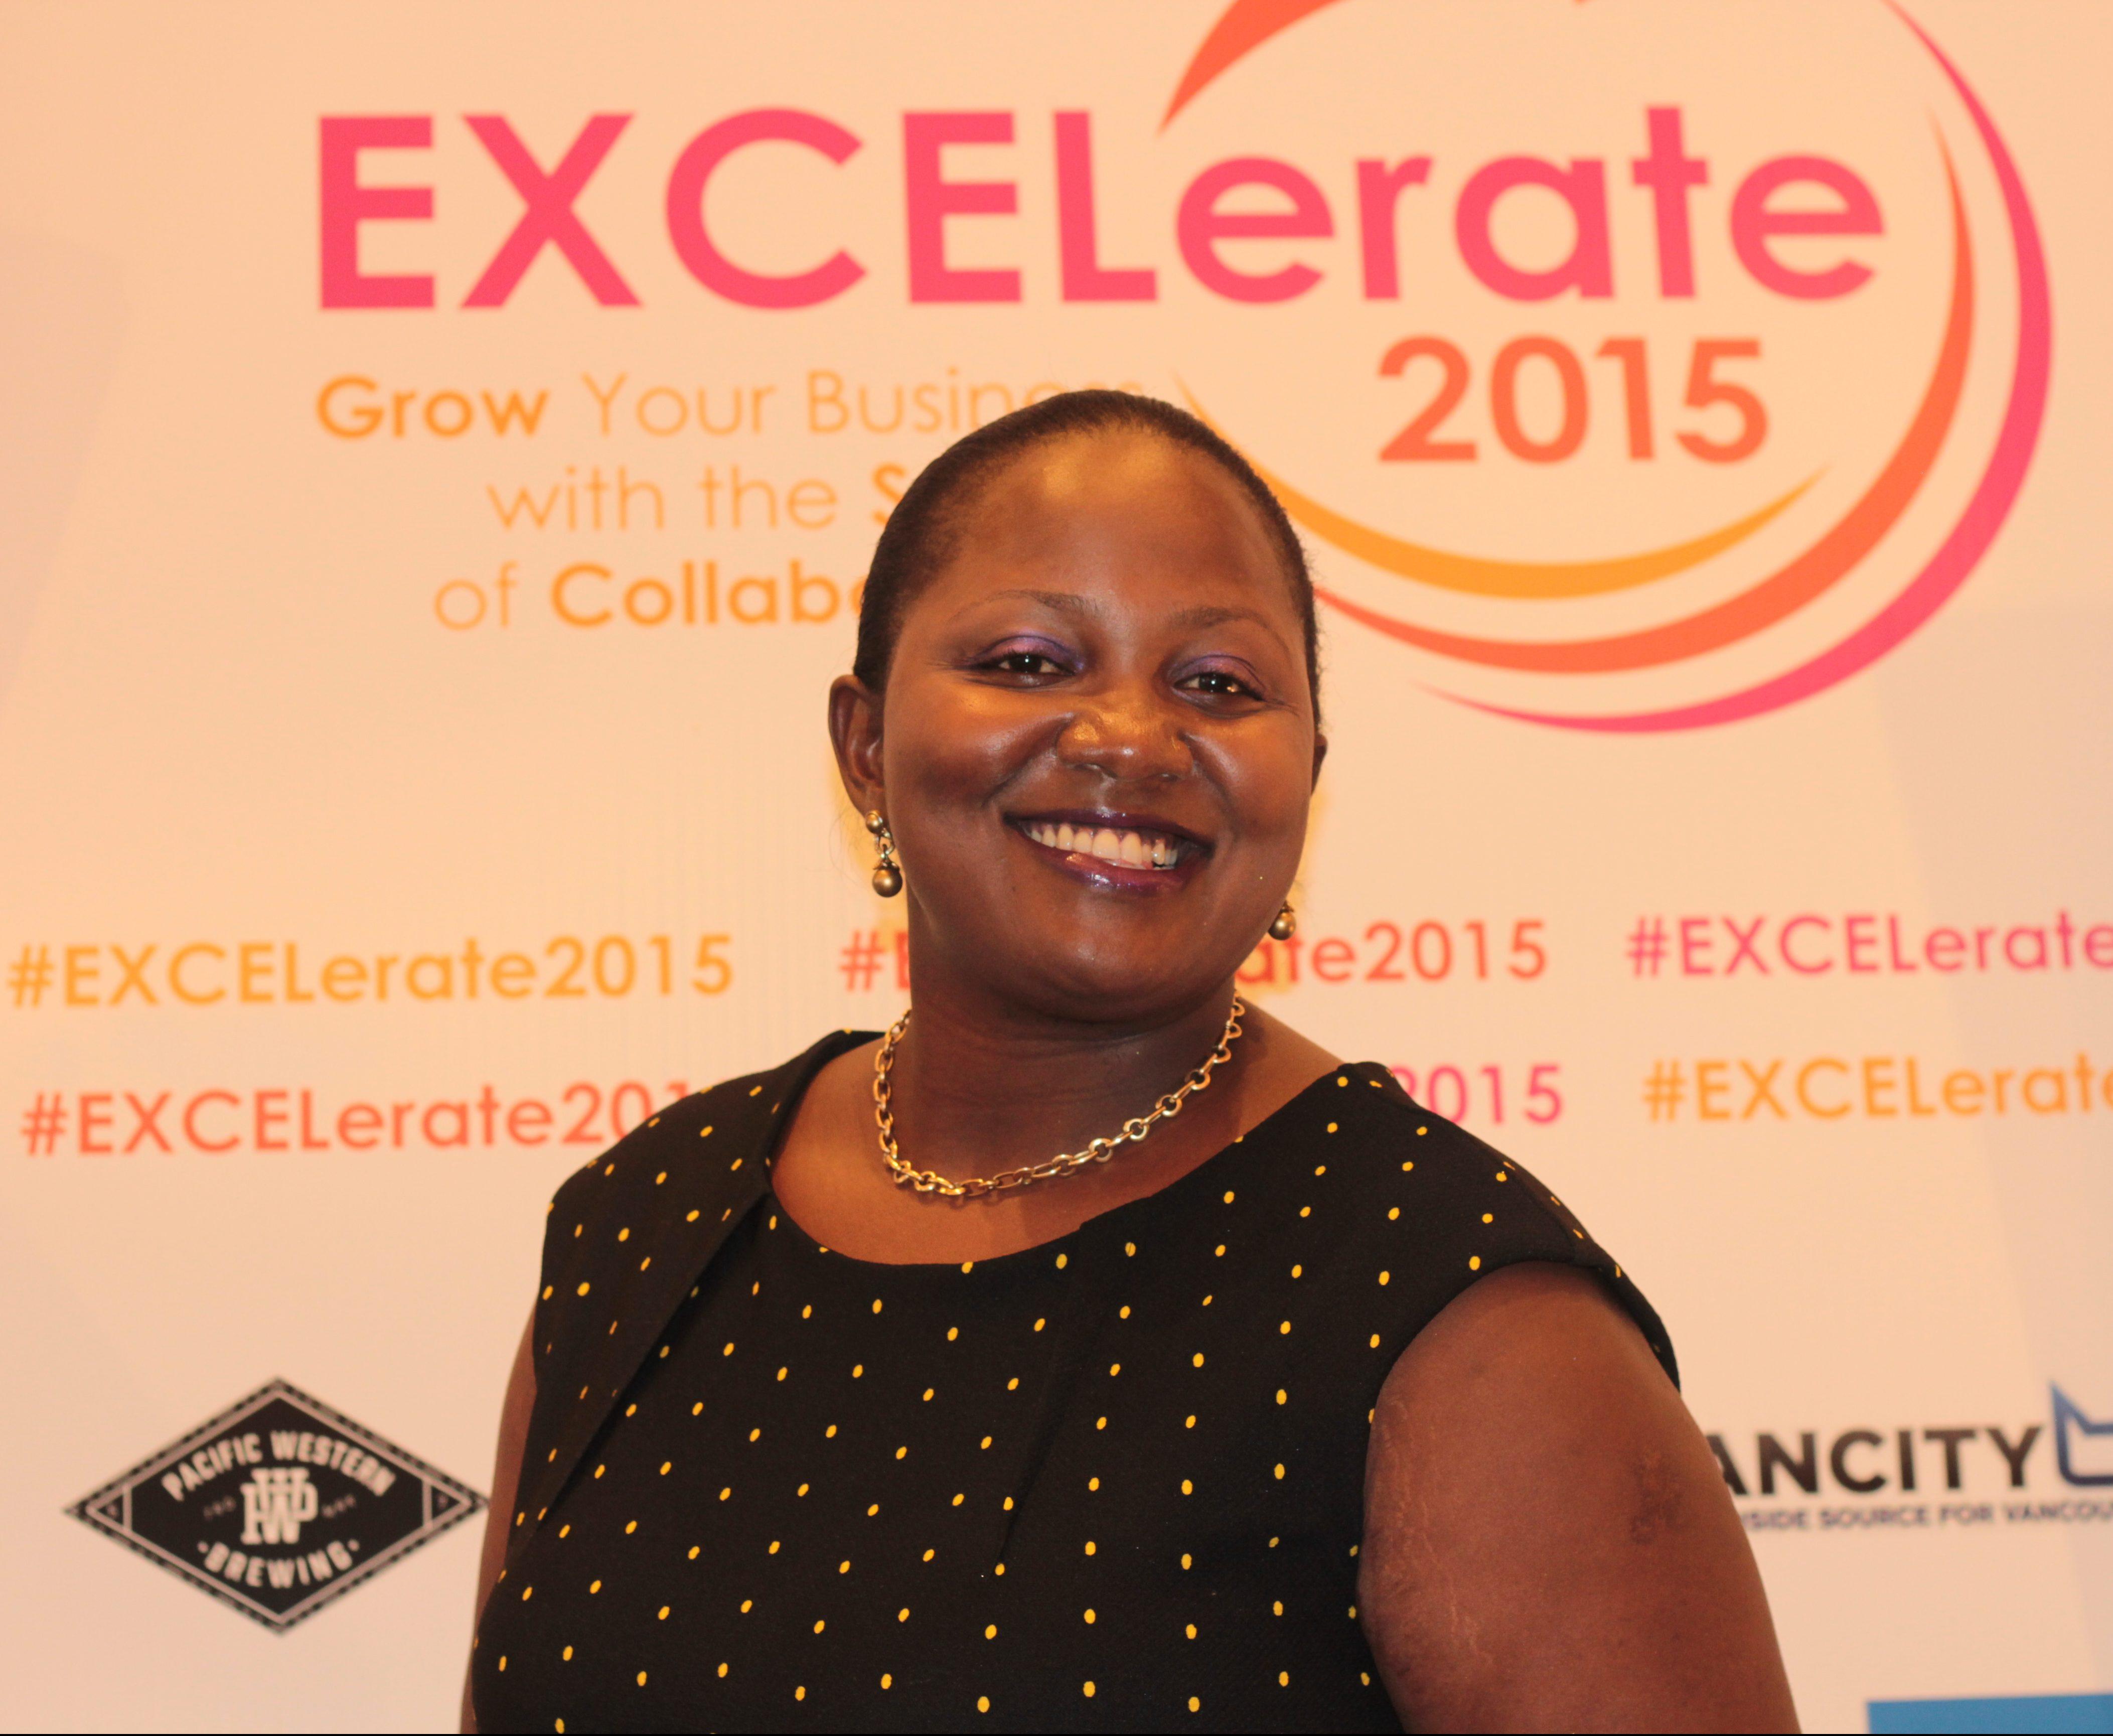 EXCELerate 2015 GroYourBiz